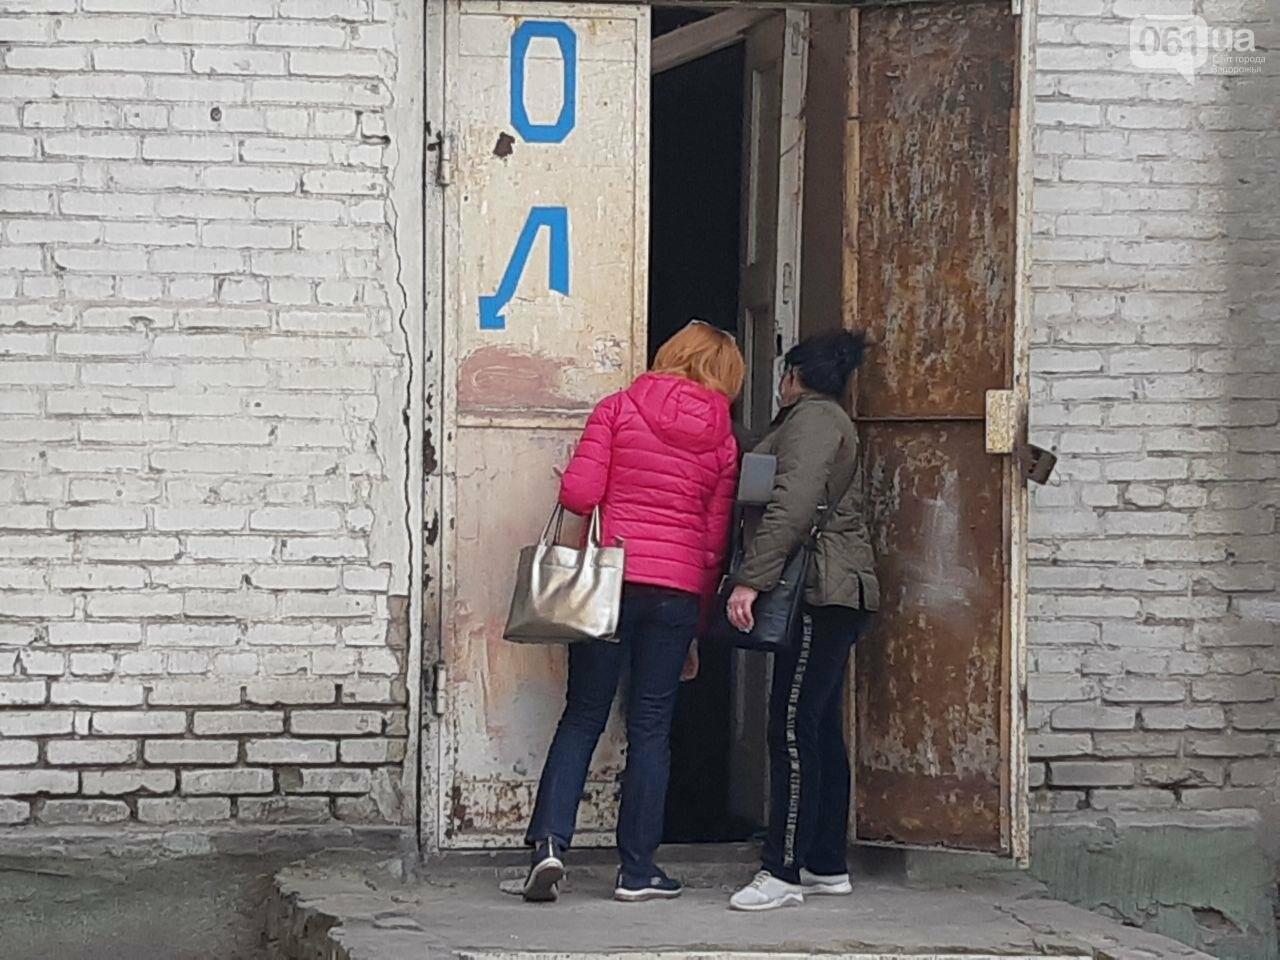 В Запорожье в жилом доме обвалилась опорная стена: открыто уголовное дело, людей переселяют в общежития, - ФОТОРЕПОРТАЖ, фото-6